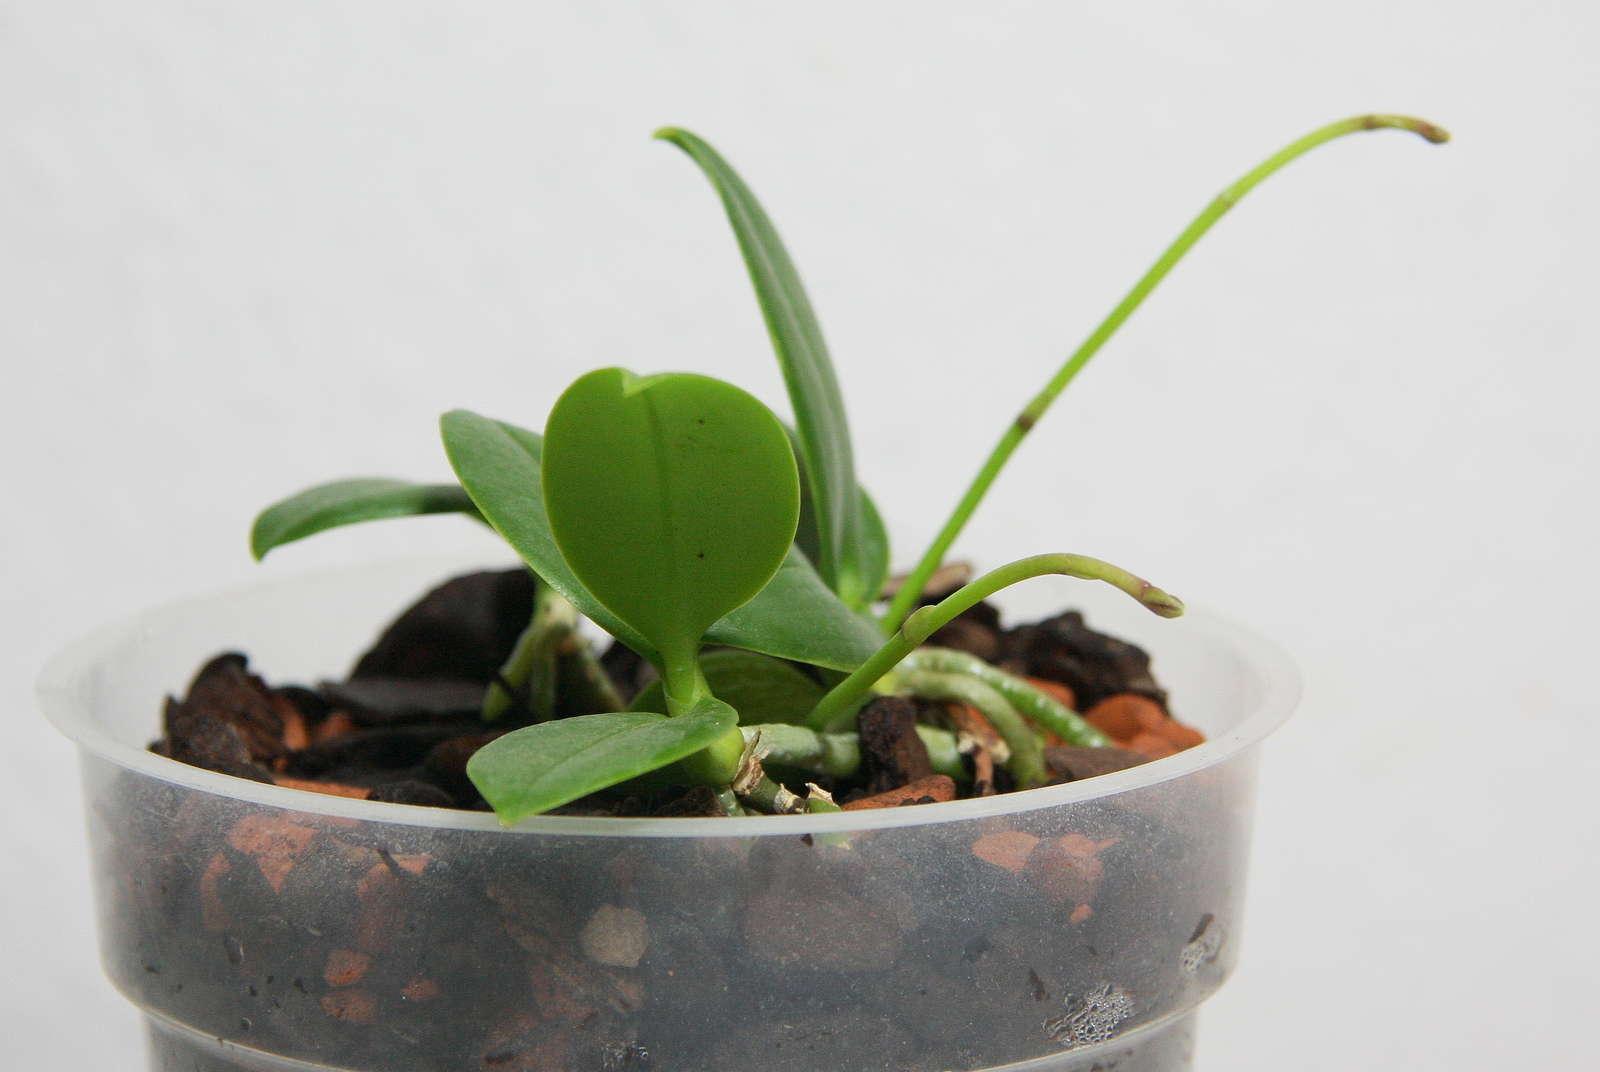 stecklinge vegetative vermehrung optimale bedingungen. Black Bedroom Furniture Sets. Home Design Ideas